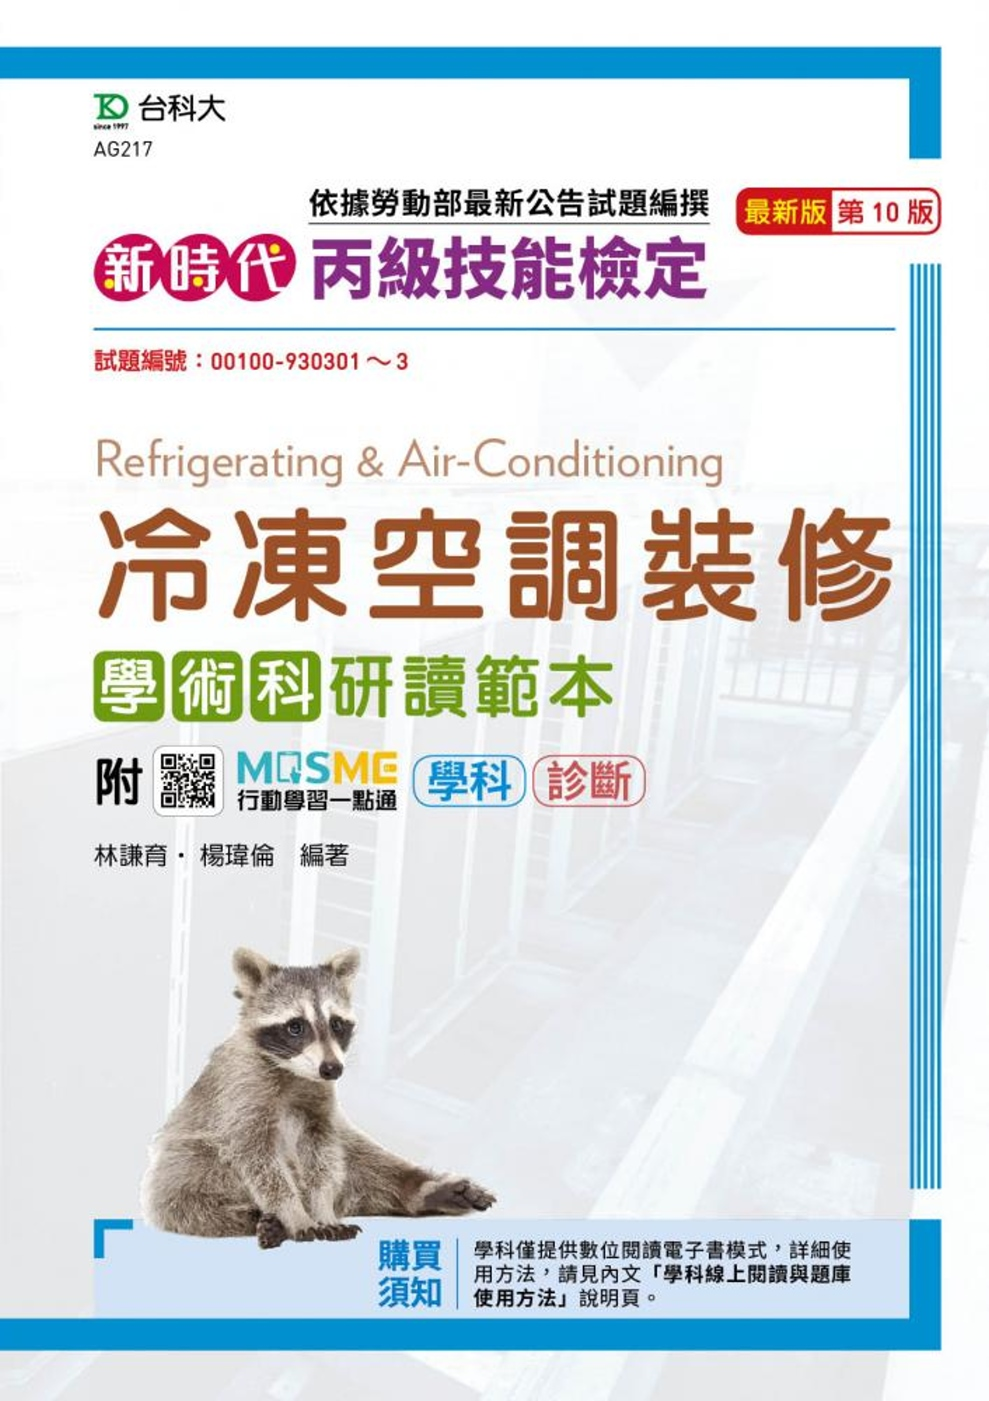 新時代 丙級冷凍空調裝修學術科...